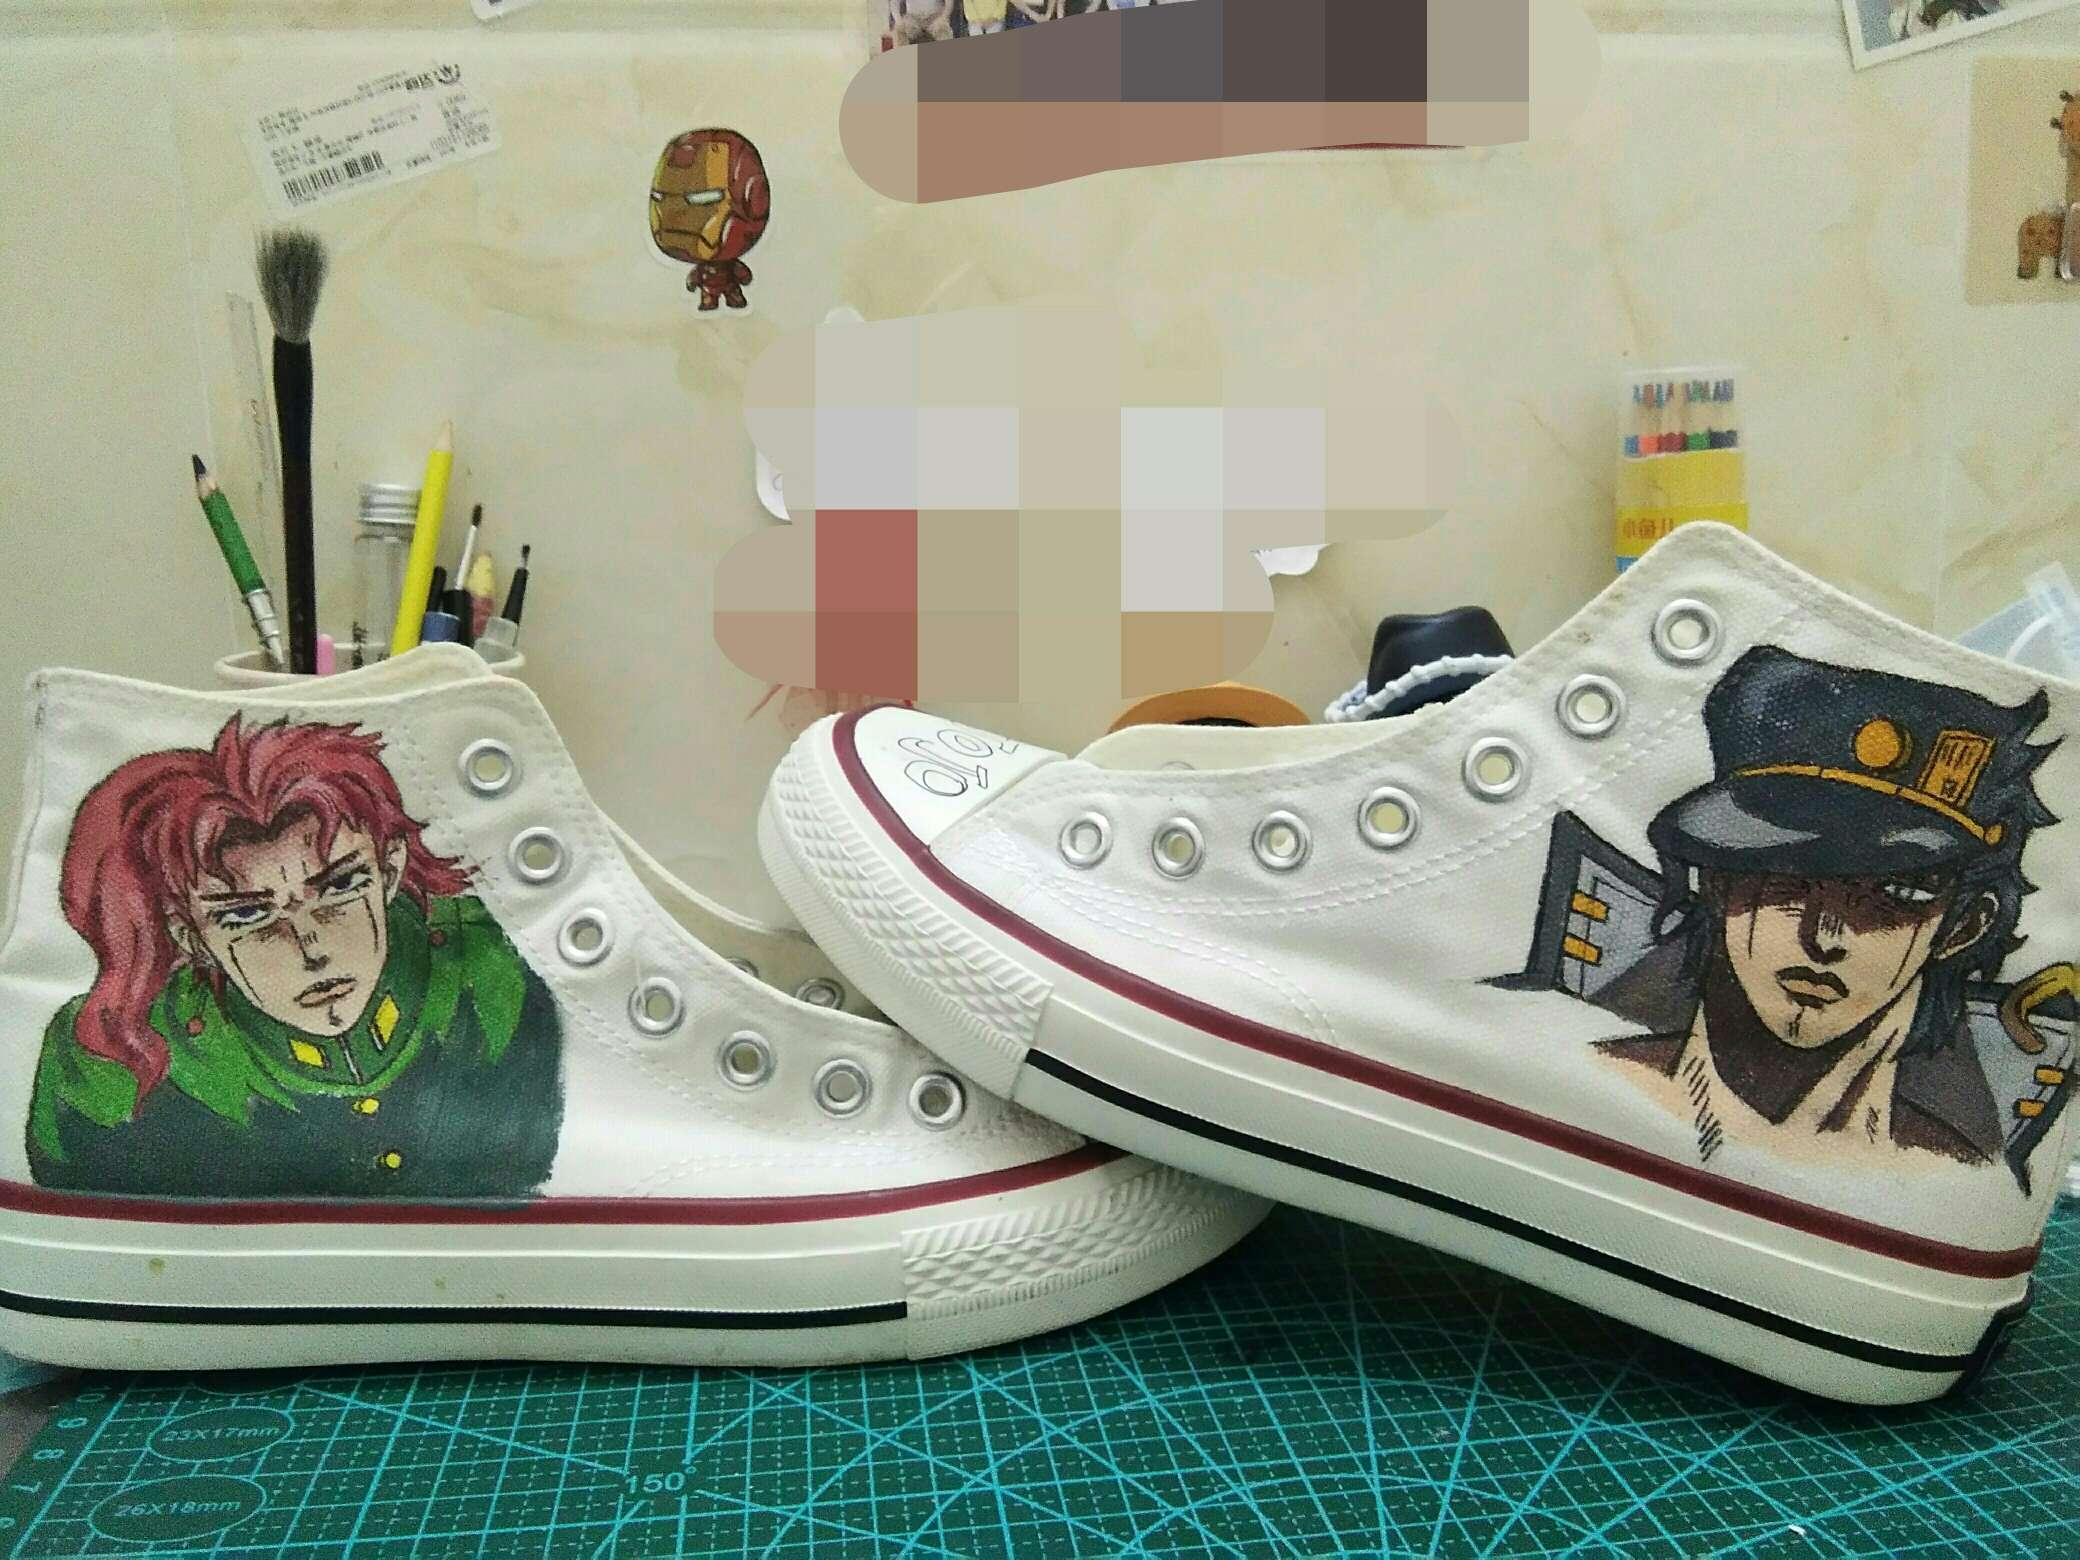 【手绘】是鞋绘昂,我画完了!-小柚妹站